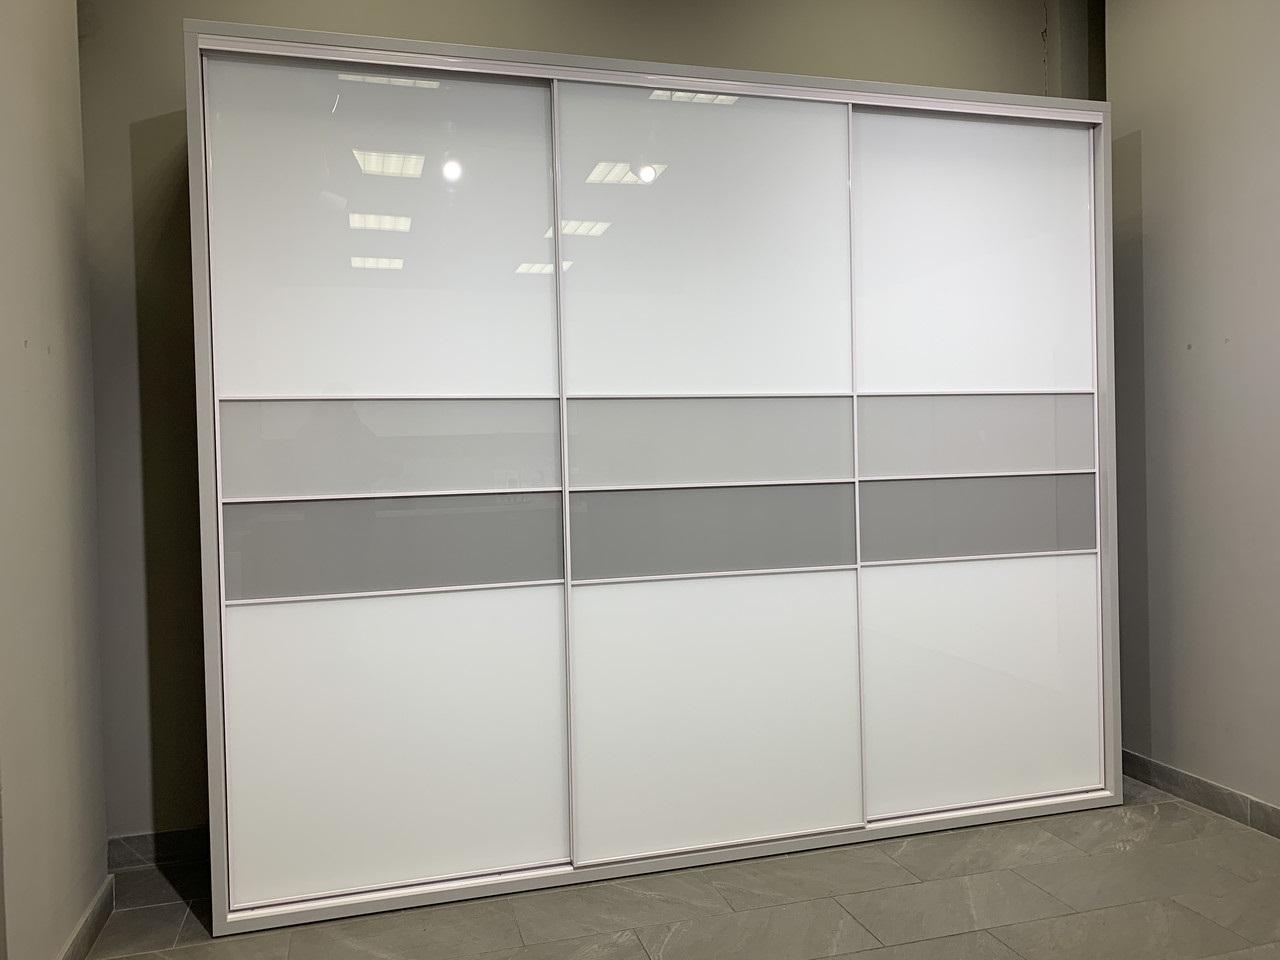 дизайн шкафа-купе материал для створок